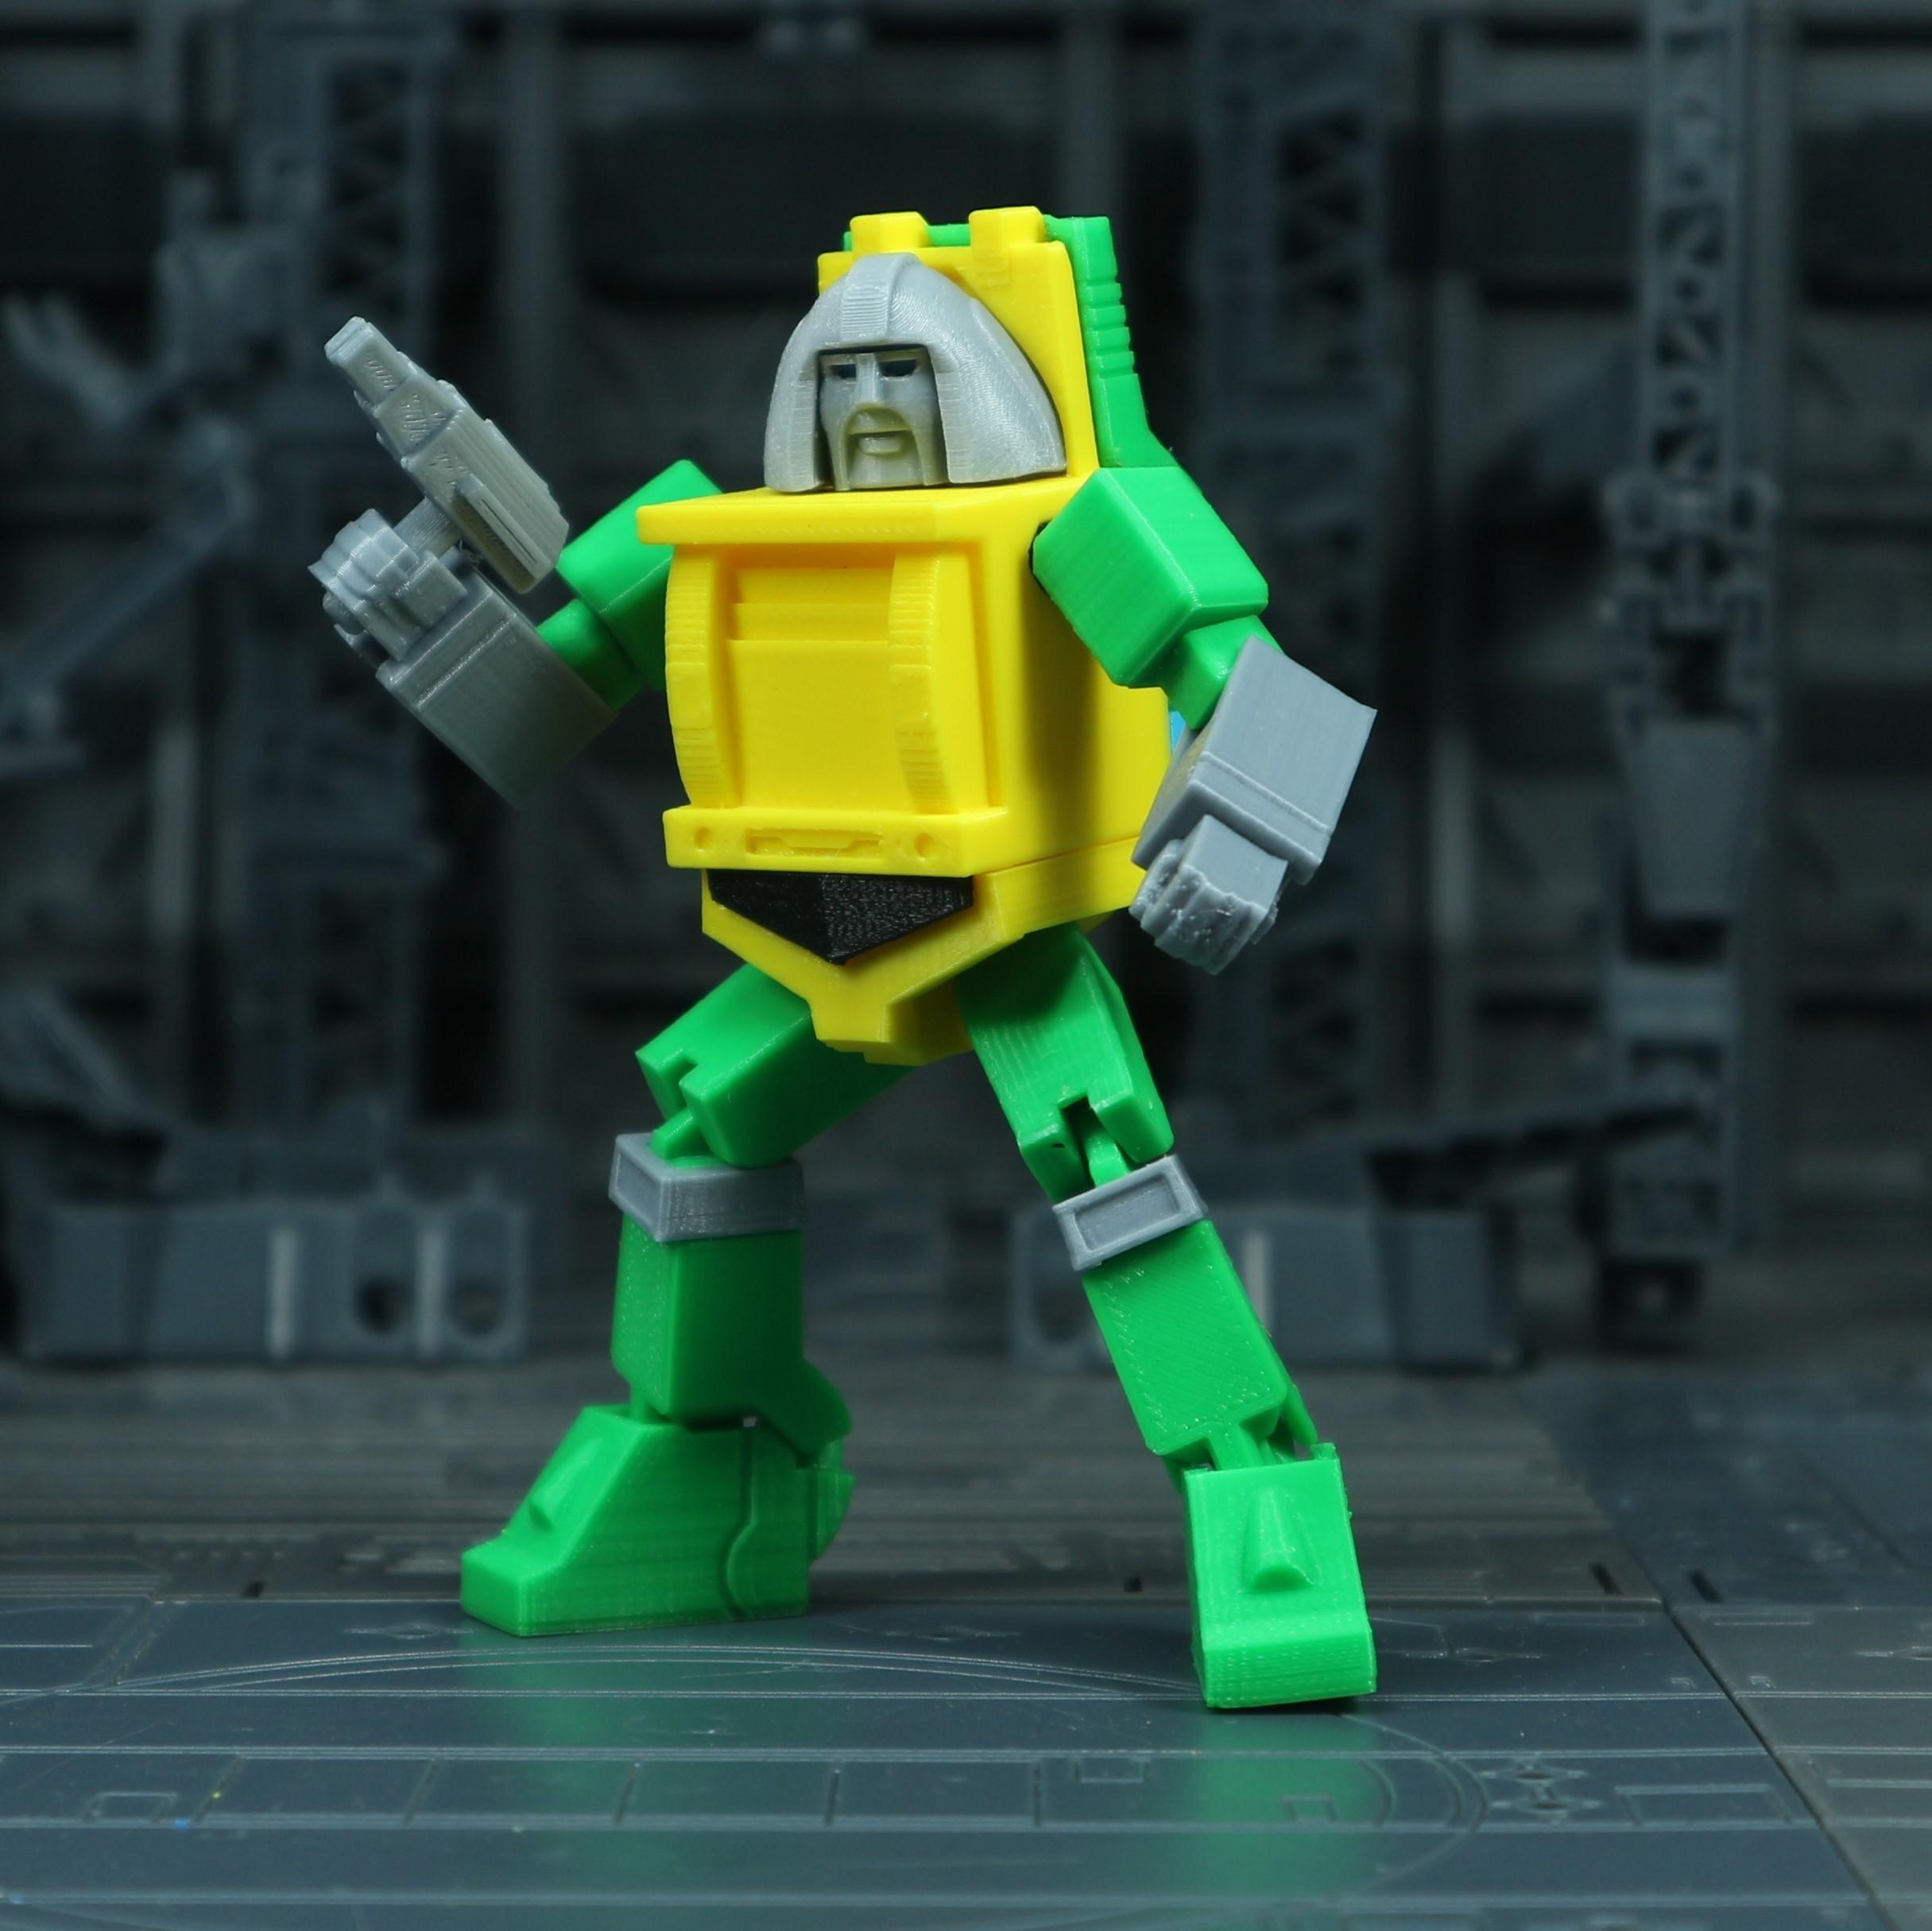 Brawn_1X1_3.jpg Download free STL file G1 Transformers Brawn • 3D printer object, Toymakr3D